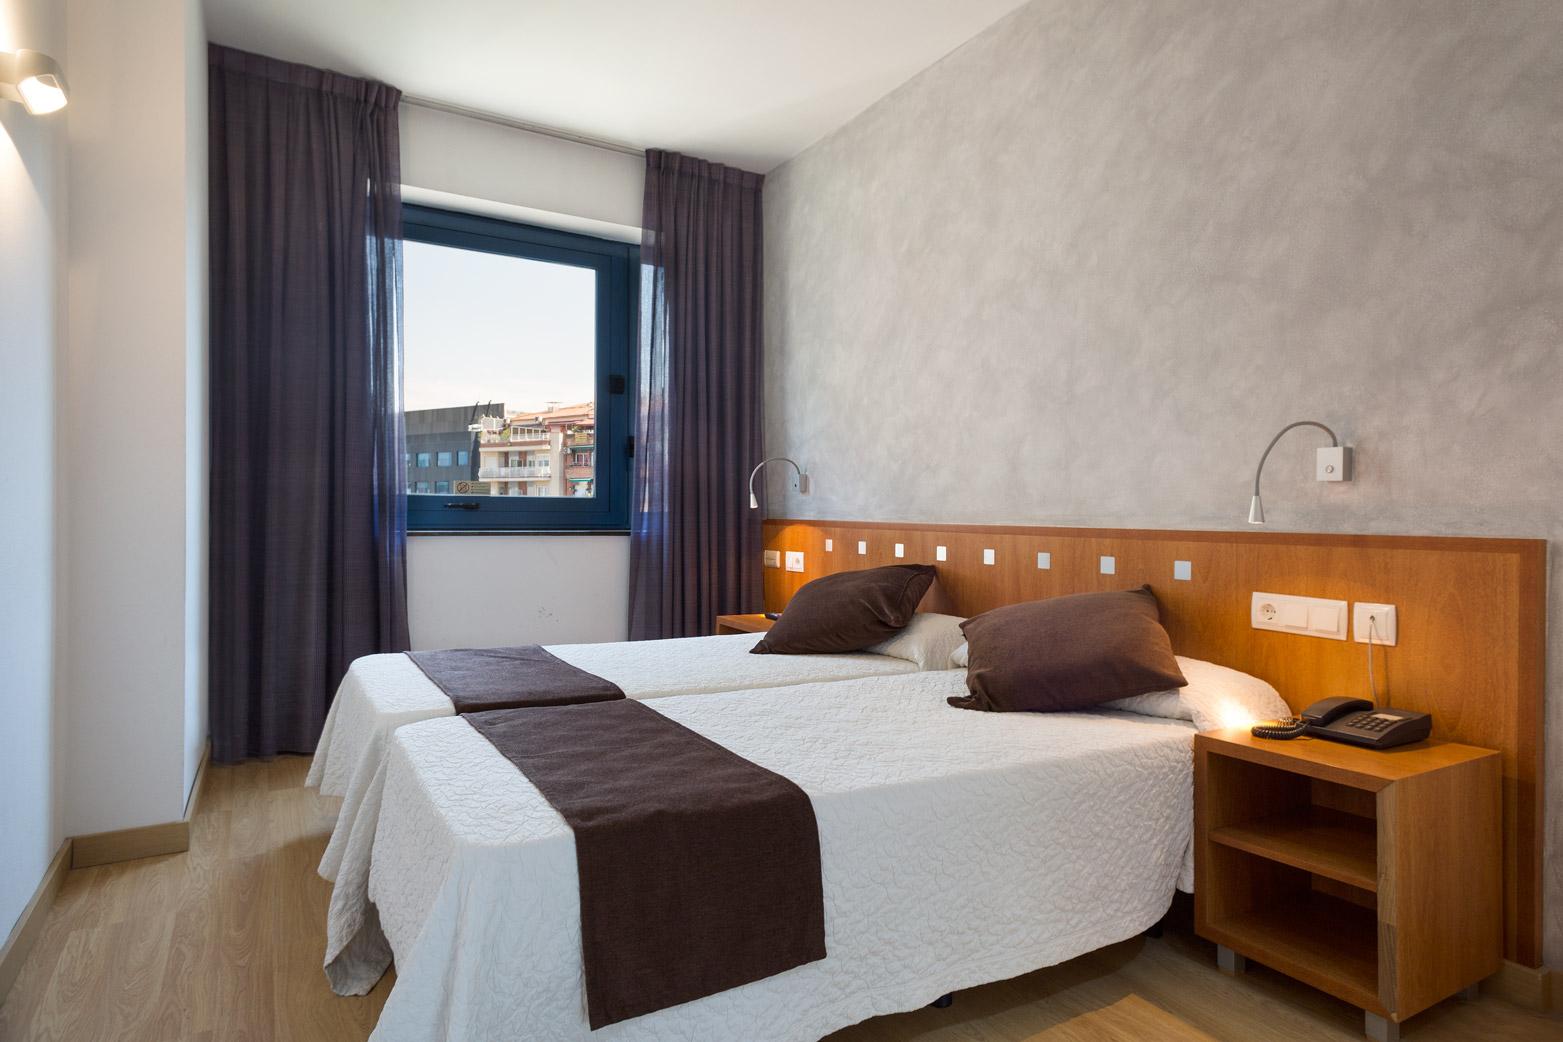 HOTEL_AZUL_HABITACIÓN_TRIPLE_CUADRUPLE_QUINTUPLE_APTO4_04